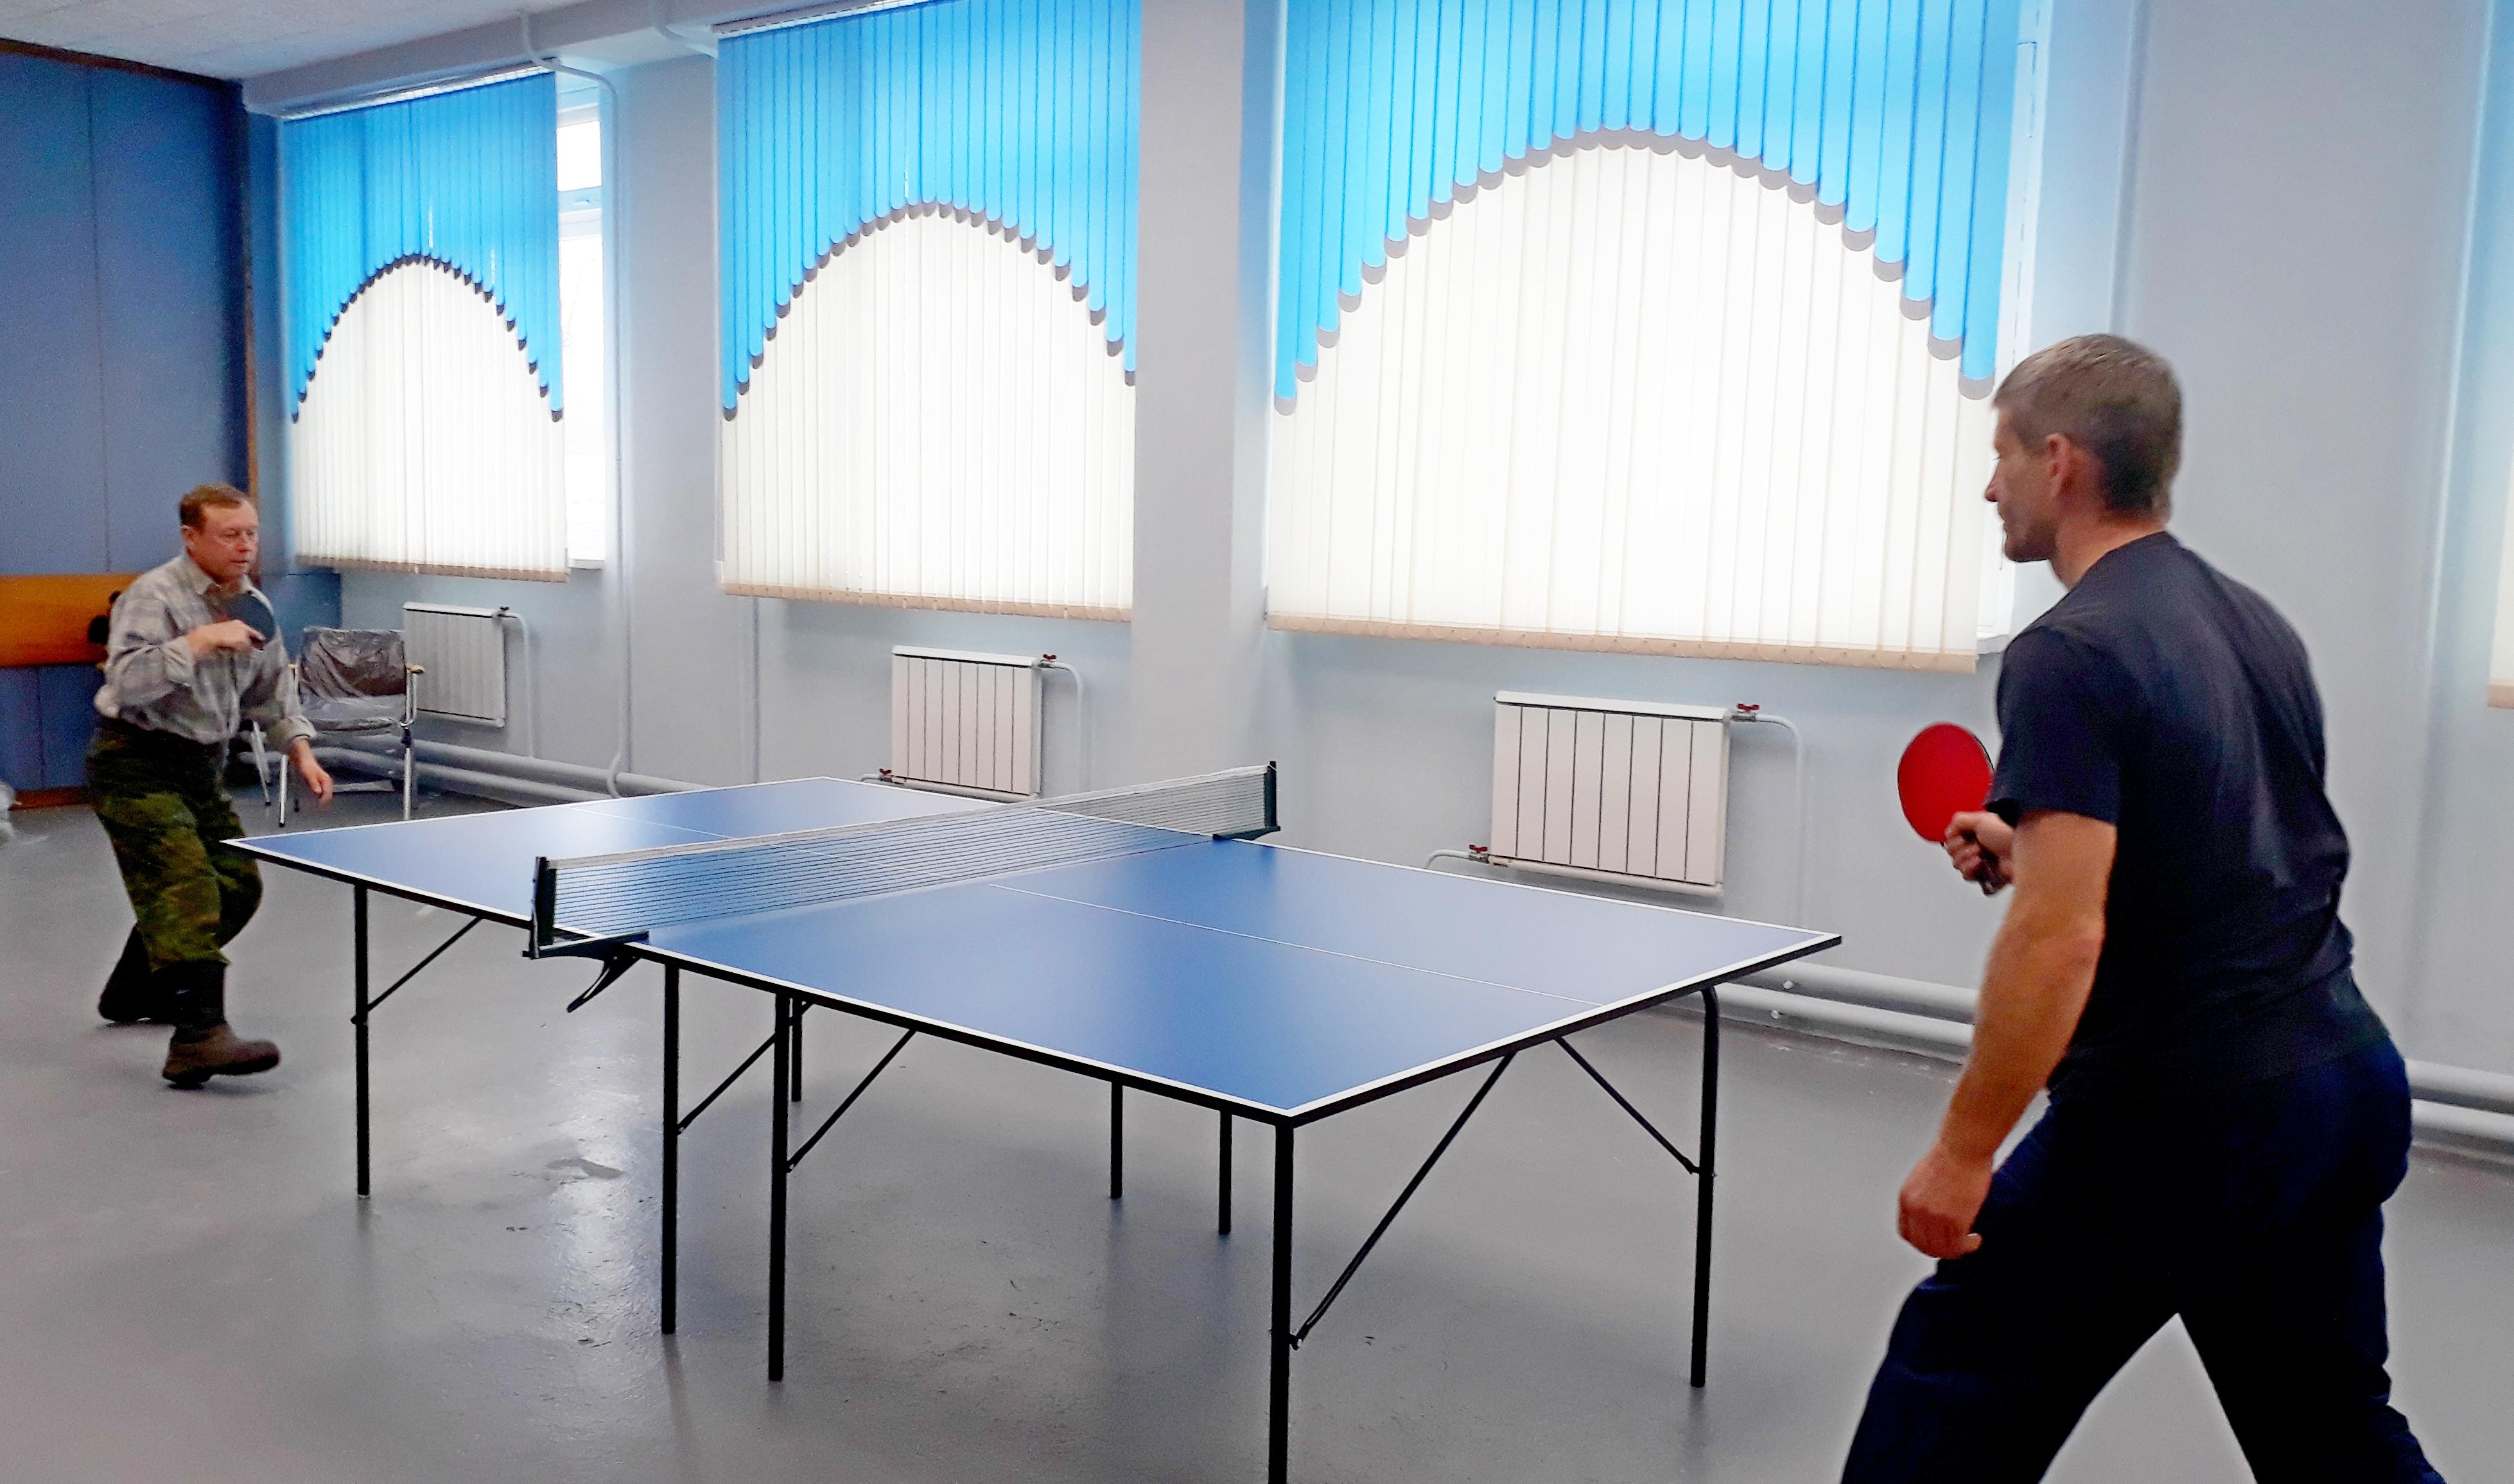 Профсоюз работников компании «КрасКом» по просьбе трудового коллектива  приобрел для ЛОСа теннисный стол.